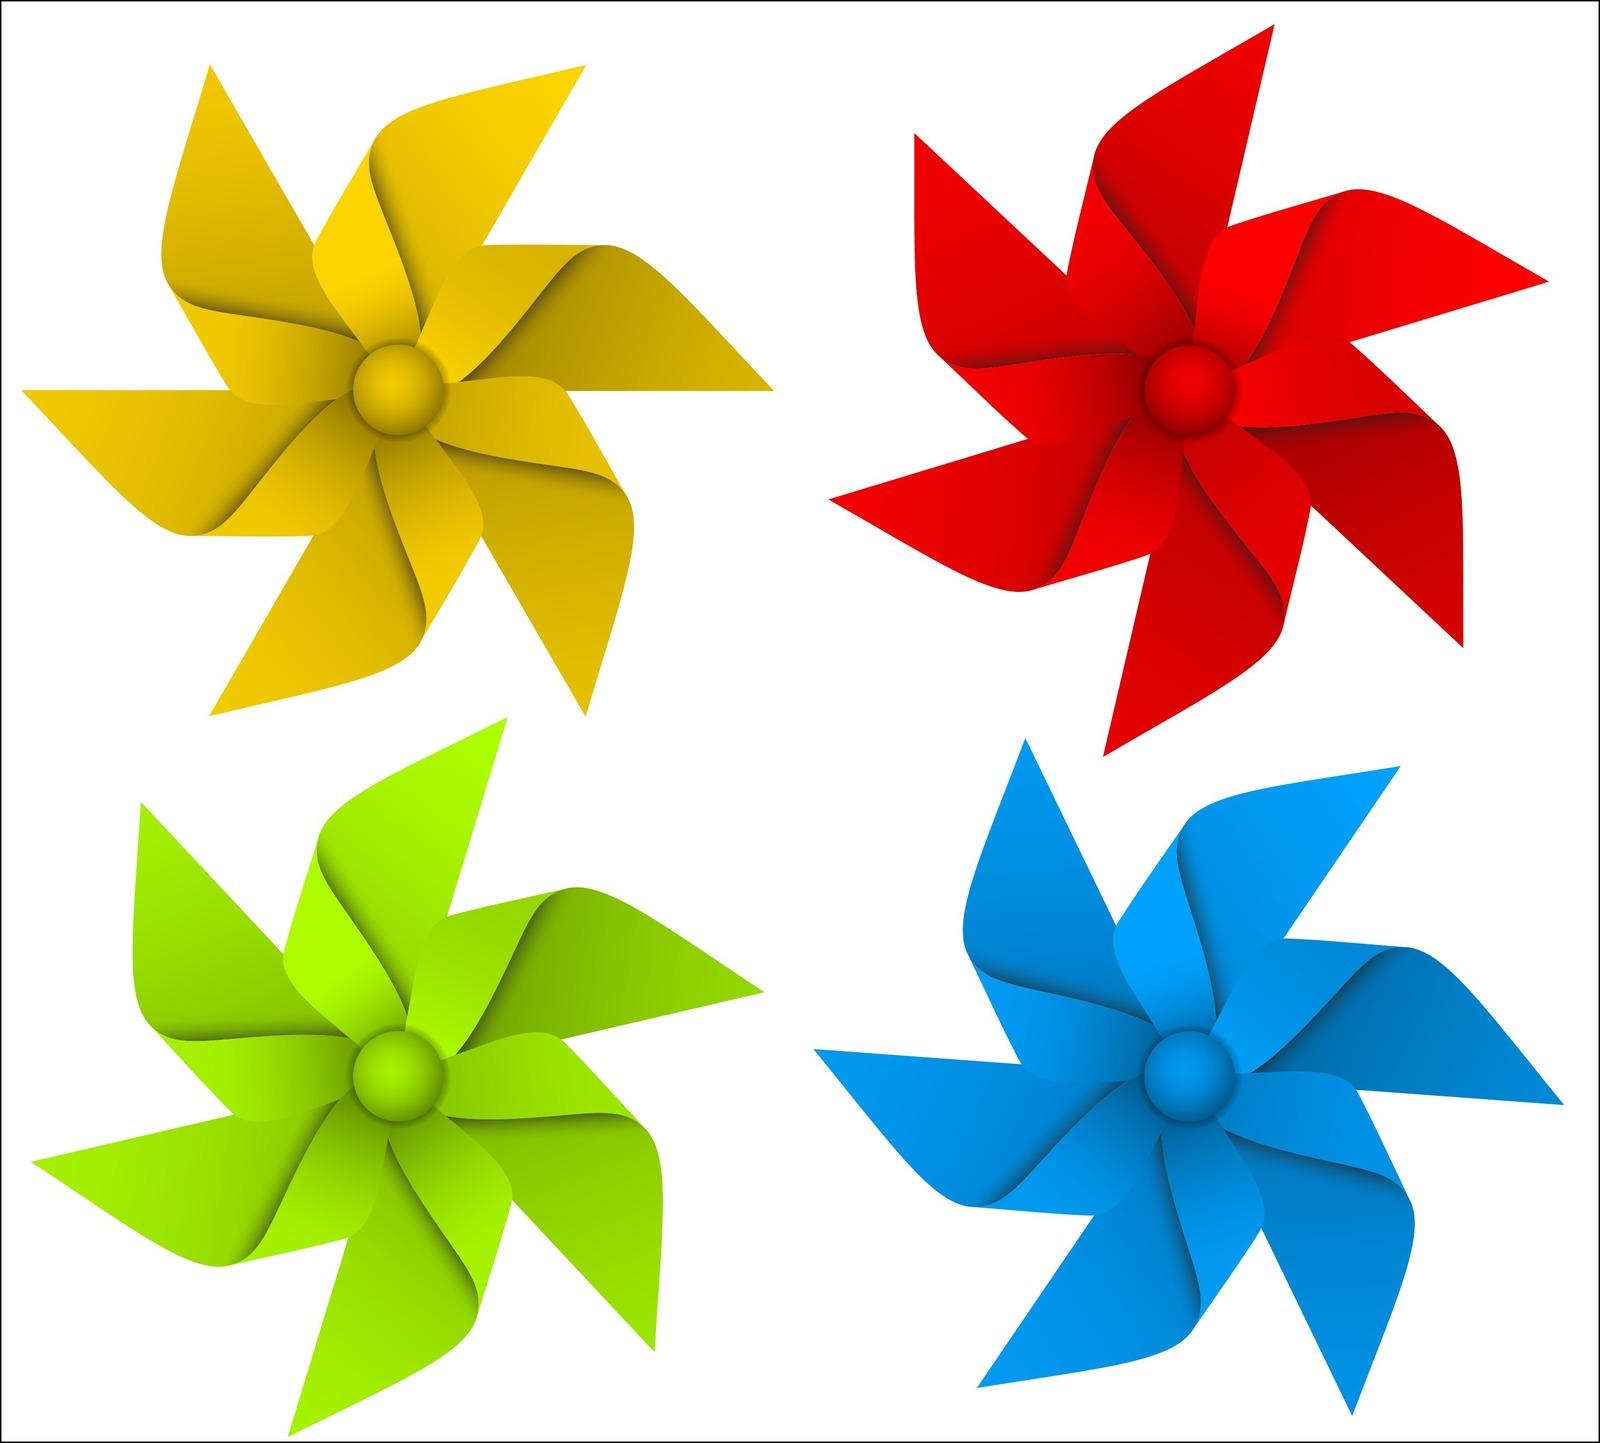 Paper decorative elements fyv8i4d  l